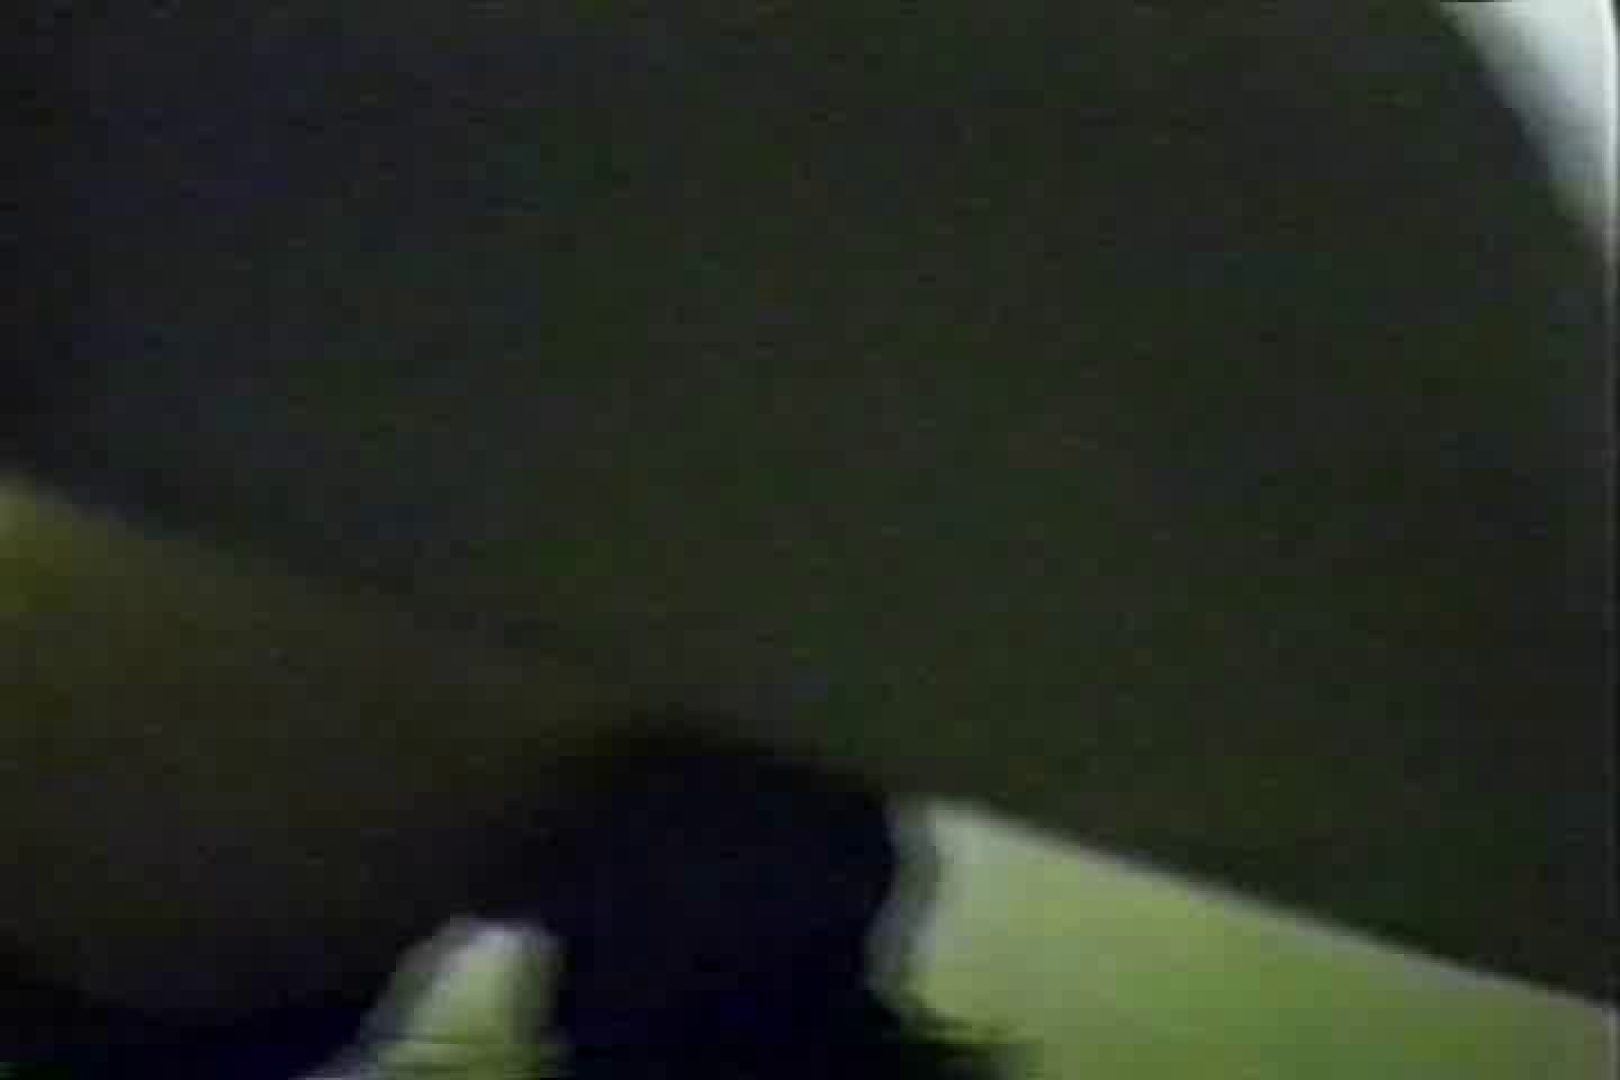 個室狂いのマニア映像Vol.1 エロティックなOL われめAV動画紹介 95画像 44